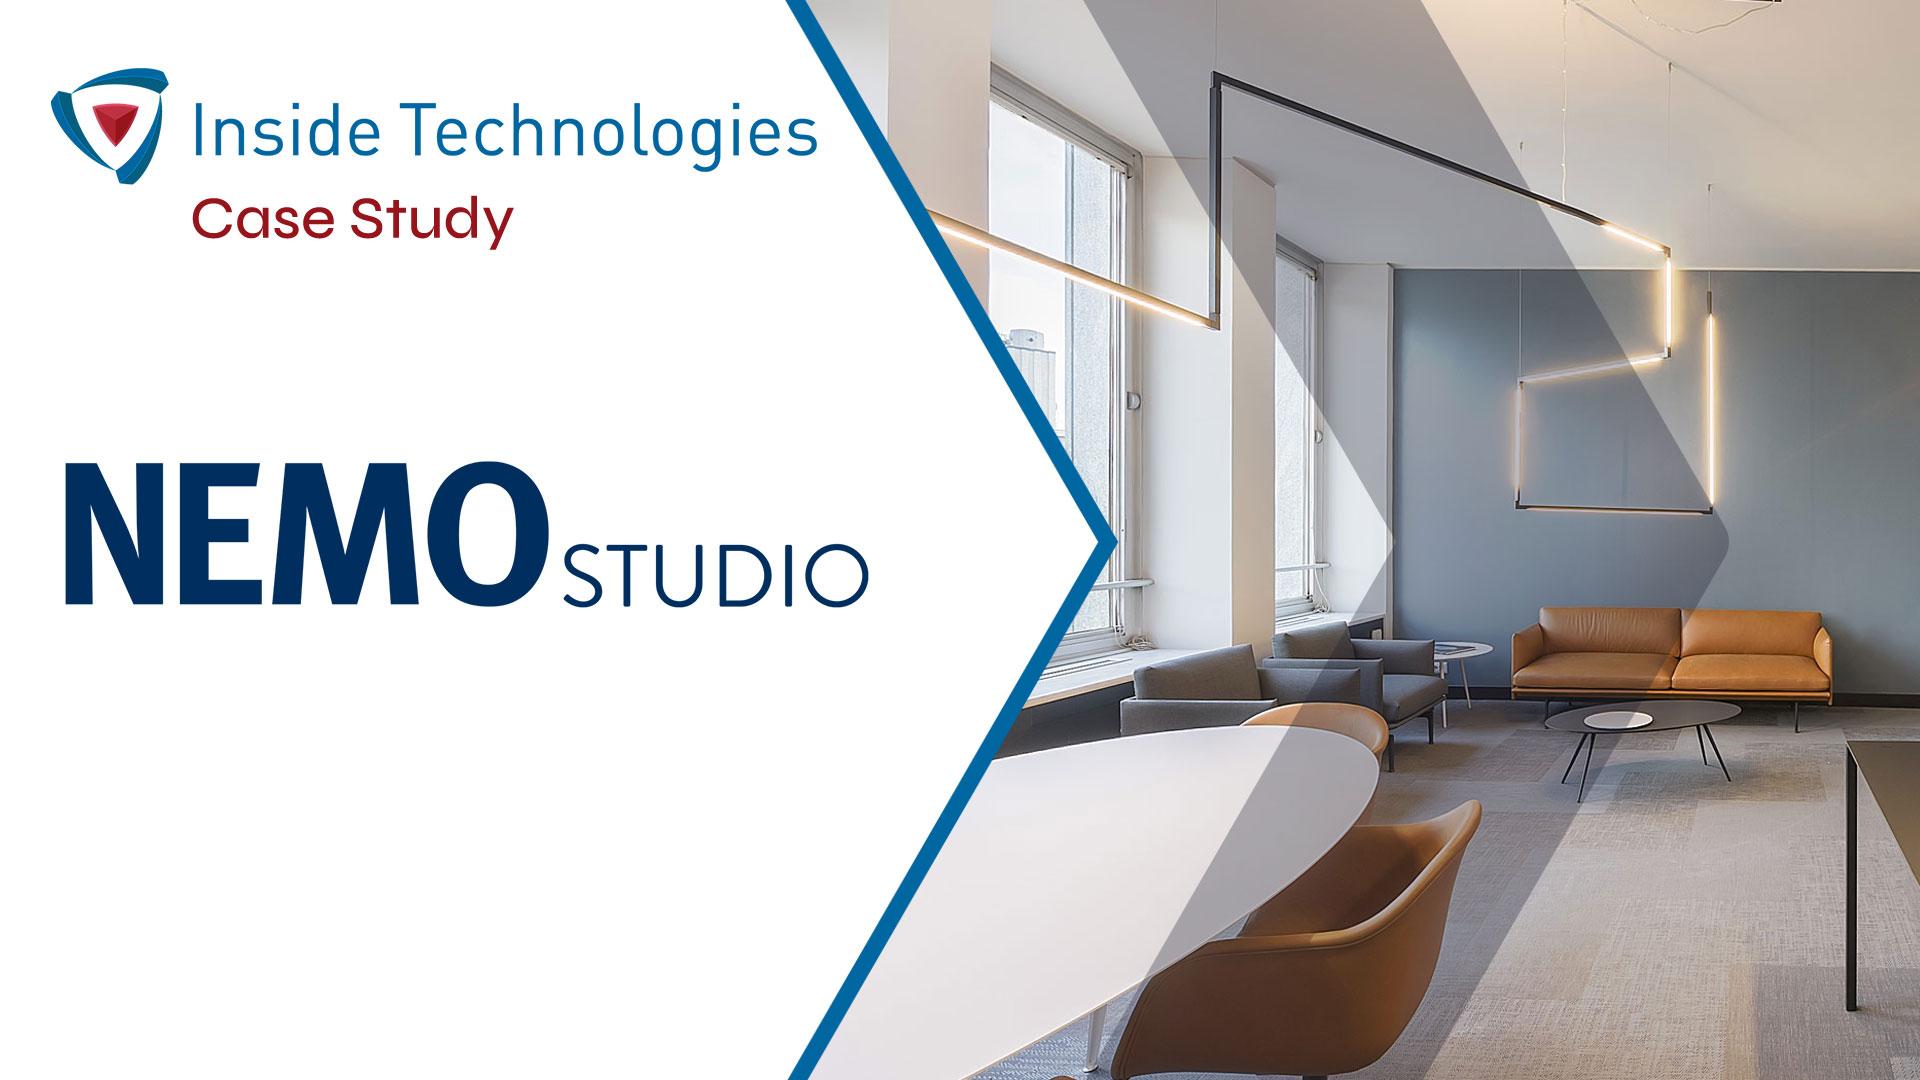 Nemo Studio: WiFi 6 e NextGen Network per gestire e proteggere i dati